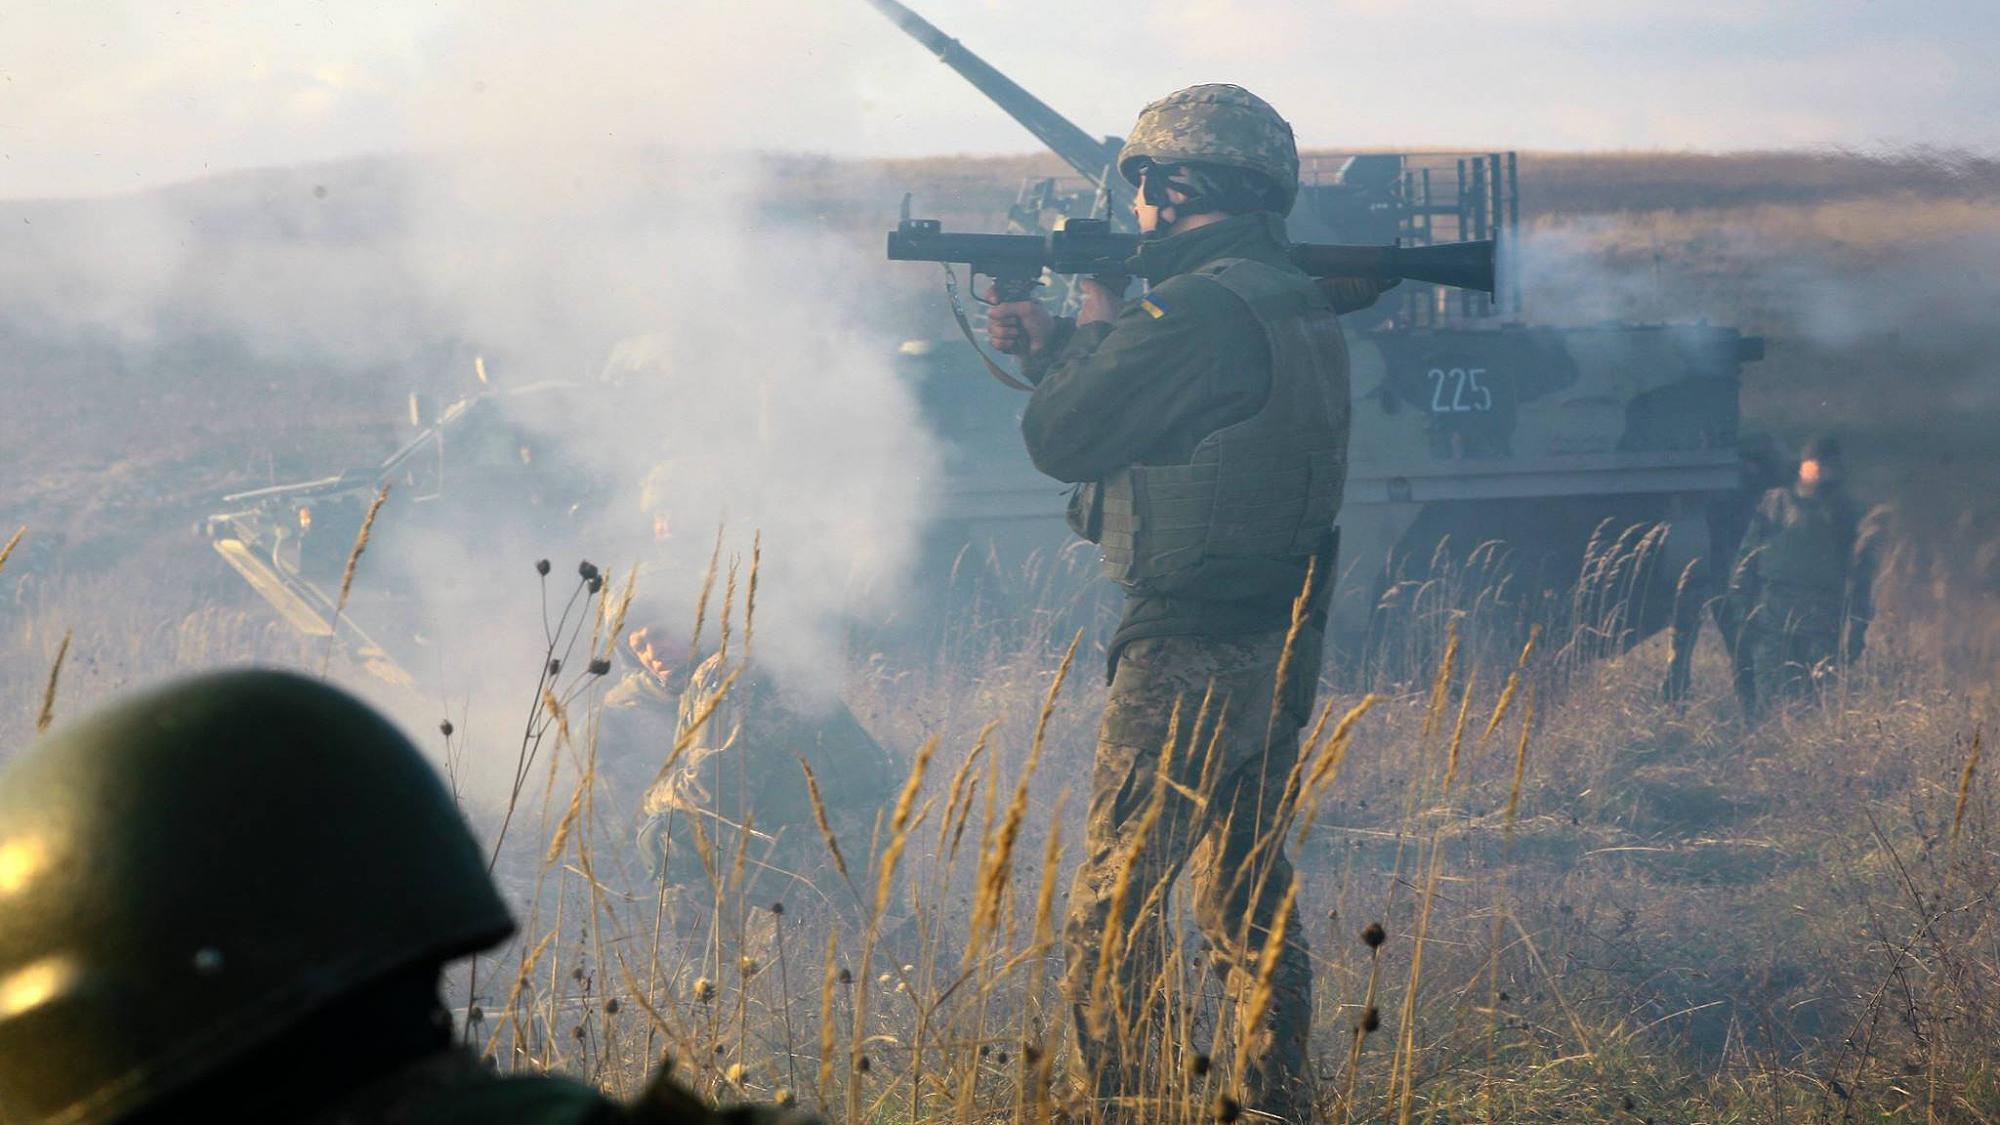 Сводка ИС: оккупанты увеличили количество обстрелов вдвое и усиливают передовые позиции